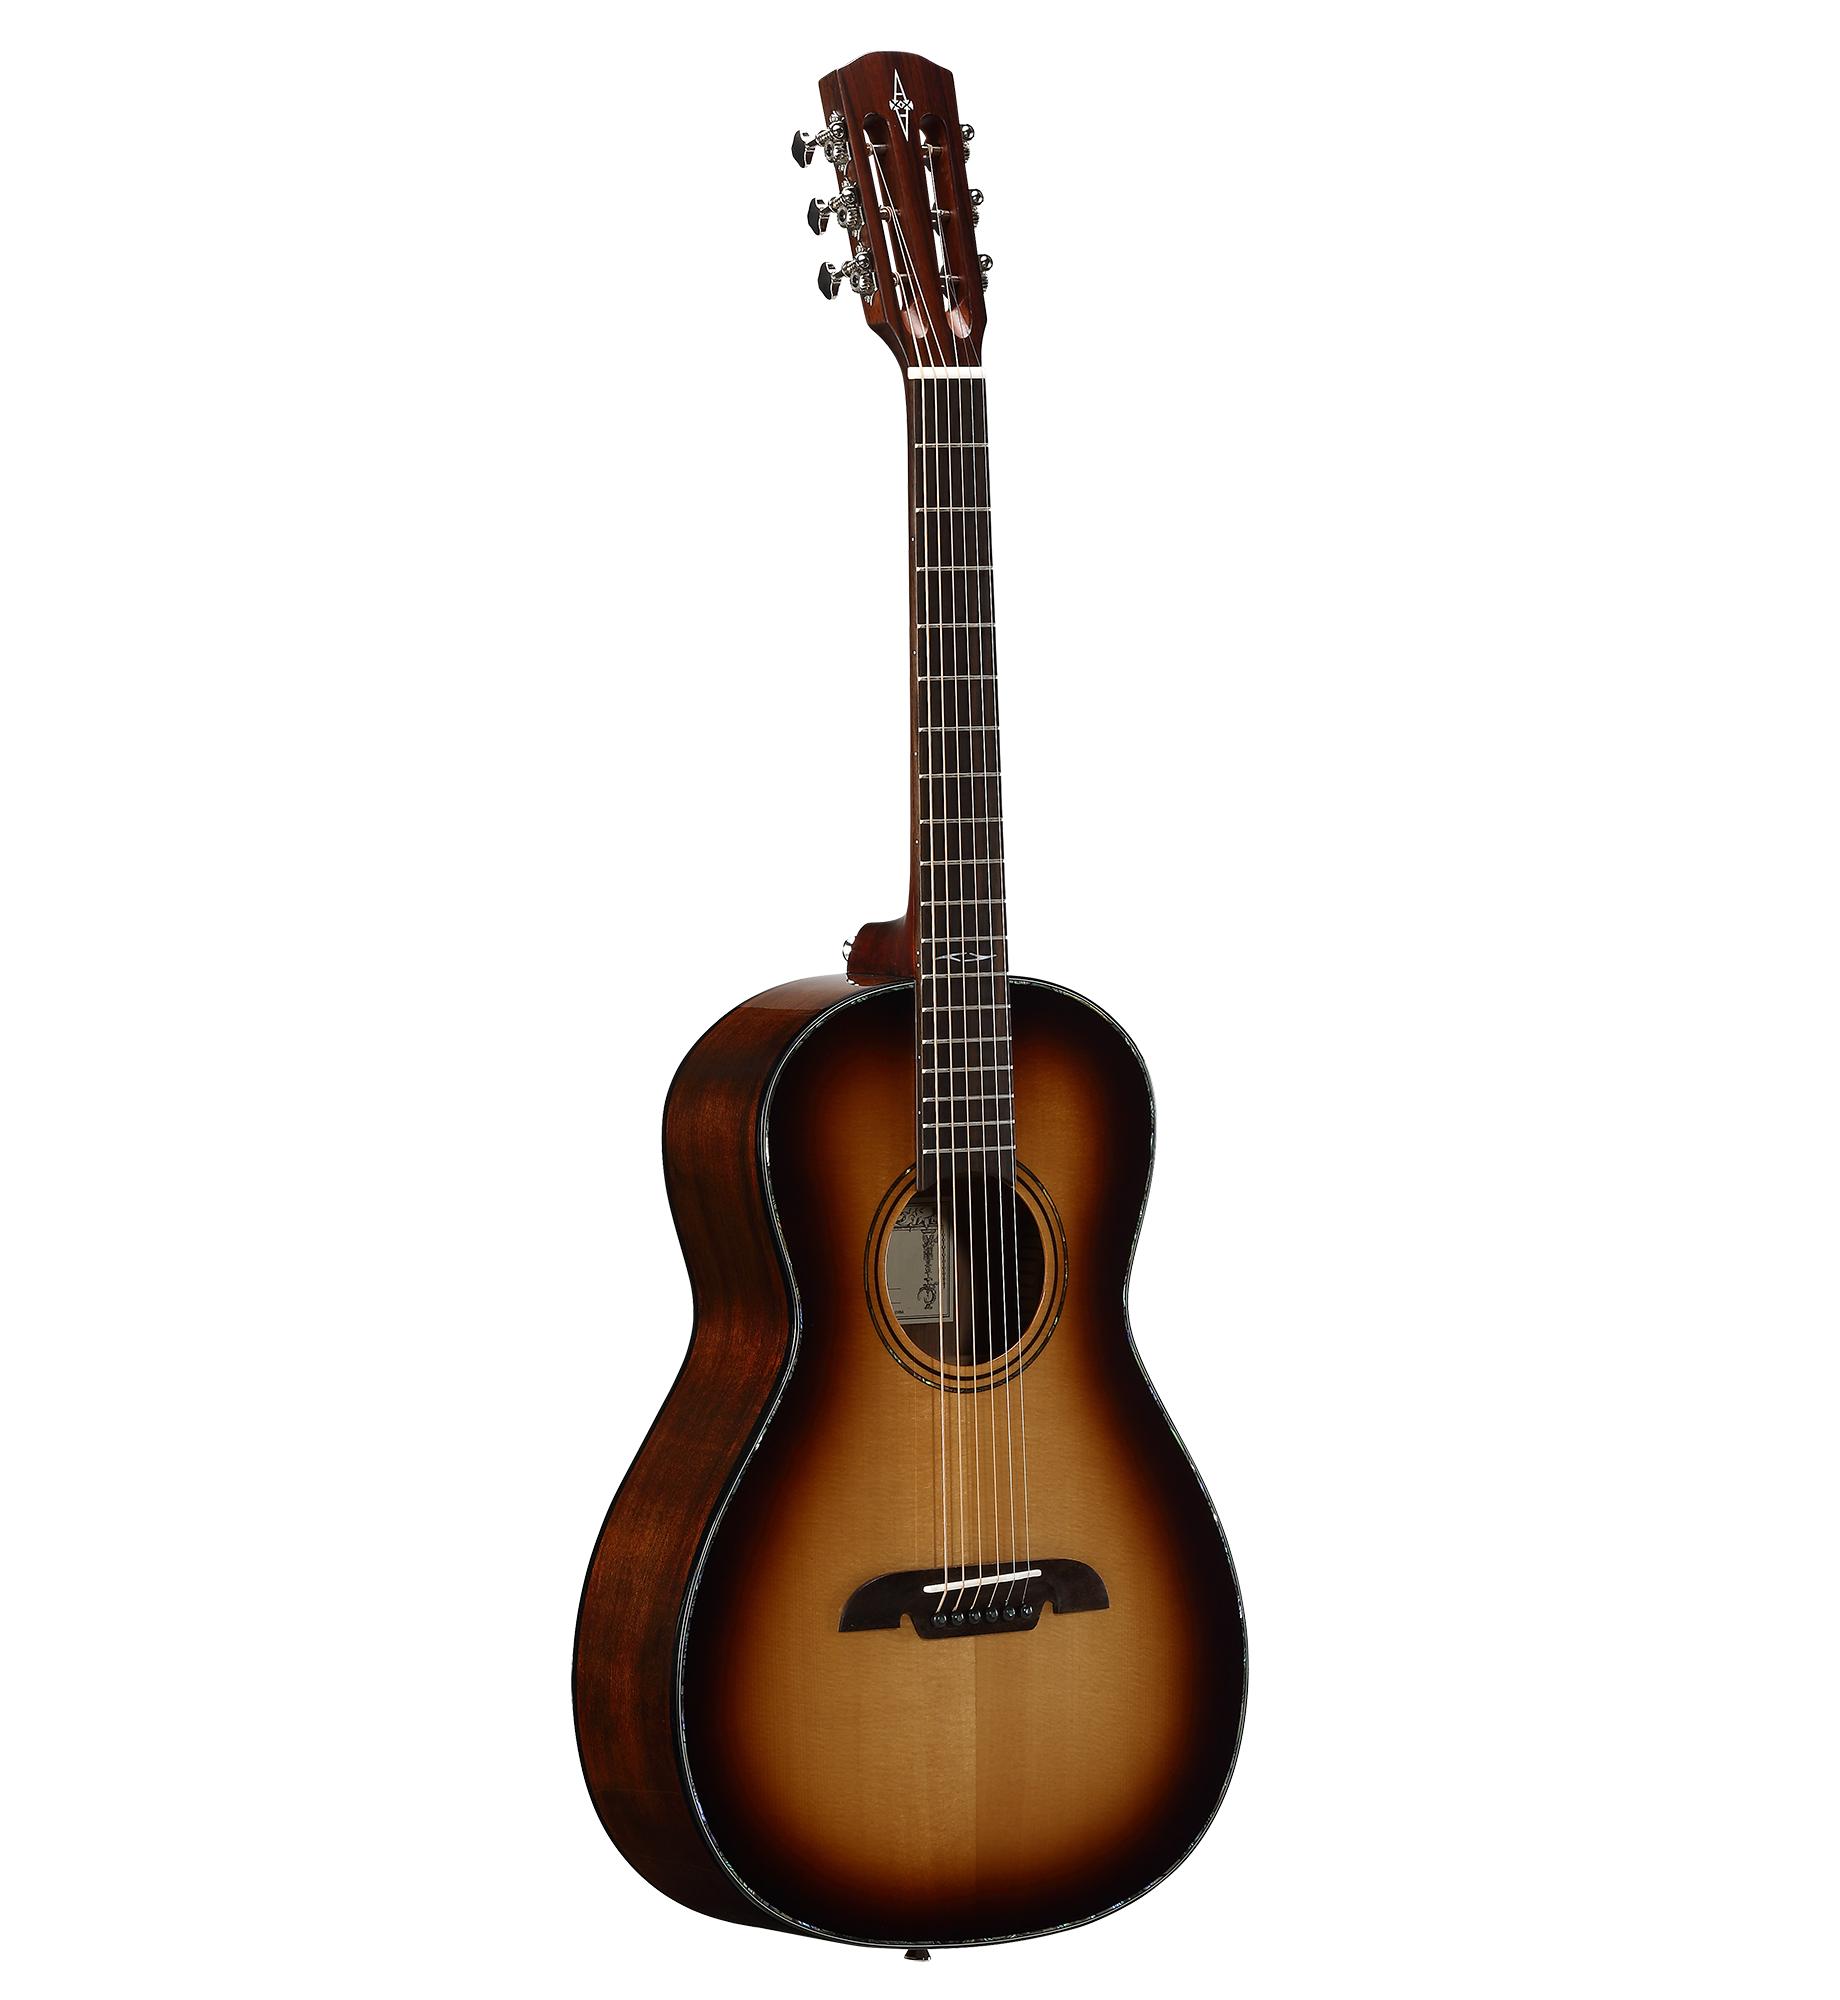 APA1965 - Alvarez Guitars